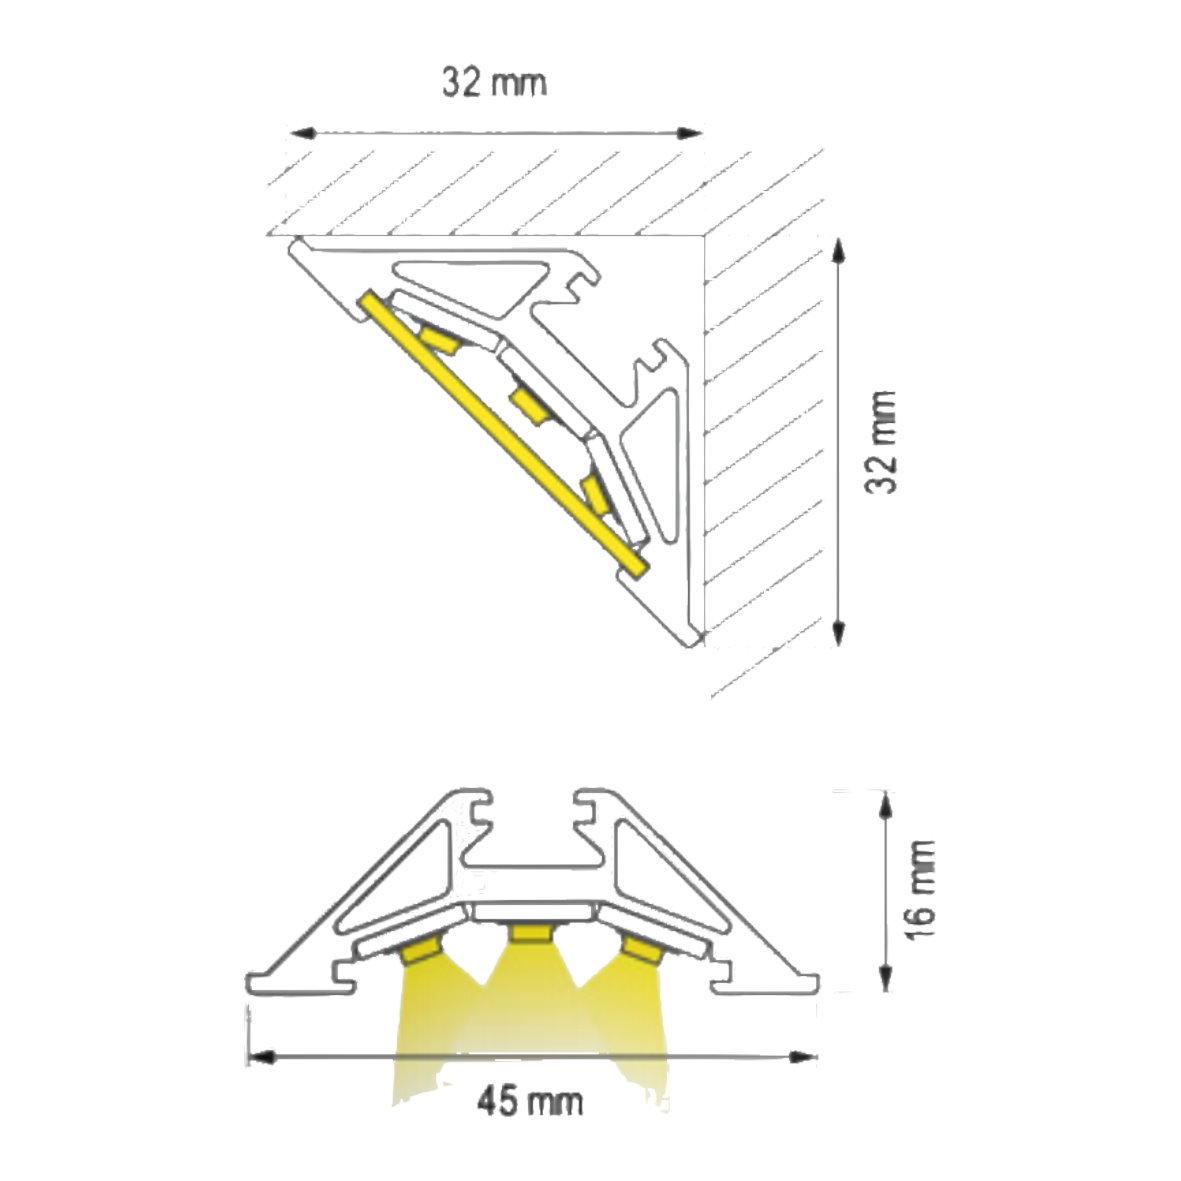 aufbau alu eck profil leiste 2m 3 reihig abdeckung endkappe f r led band 706752180662 ebay. Black Bedroom Furniture Sets. Home Design Ideas